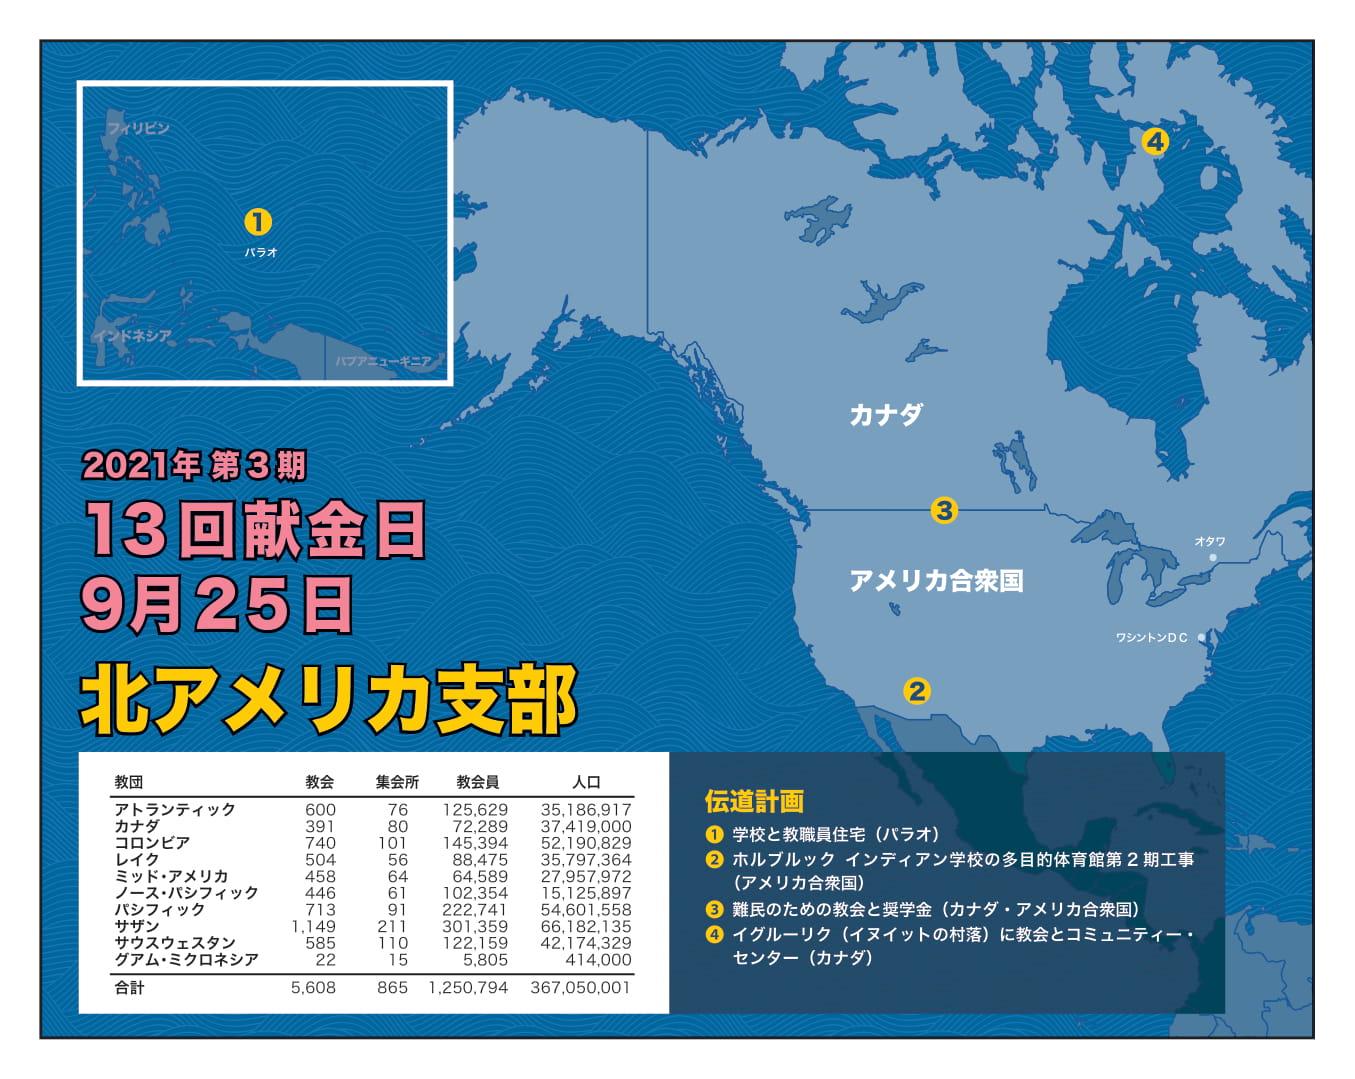 伝道地便り・地図 2021年第3期